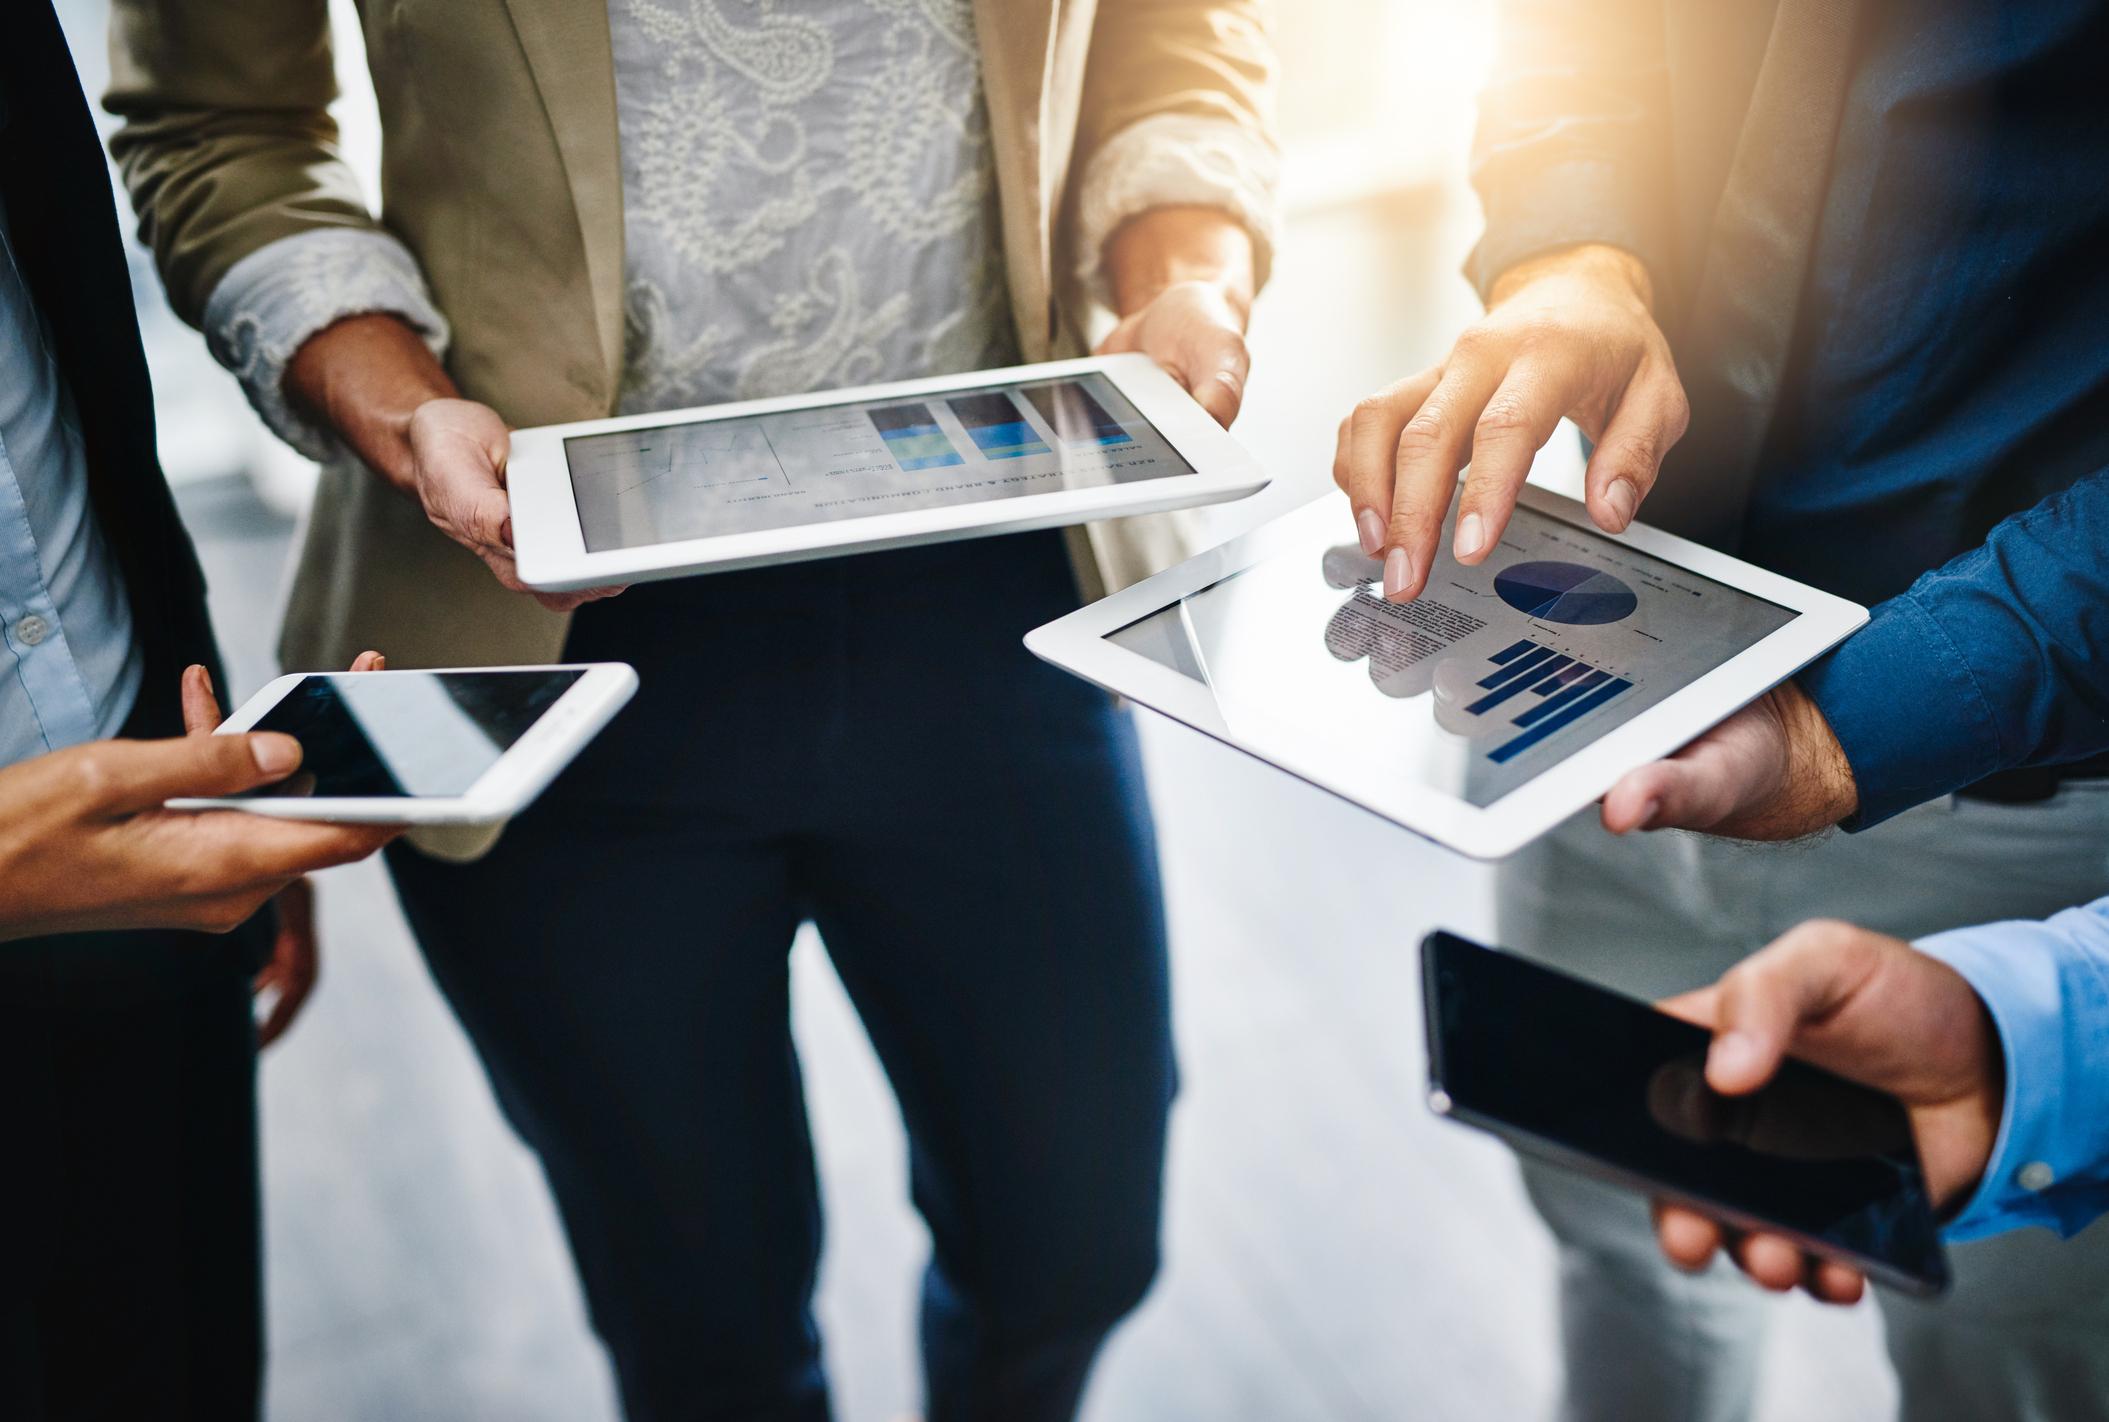 Fünf Gründe, warum Web-Apps für schnelle Rechnungsfreigaben unverzichtbar sind